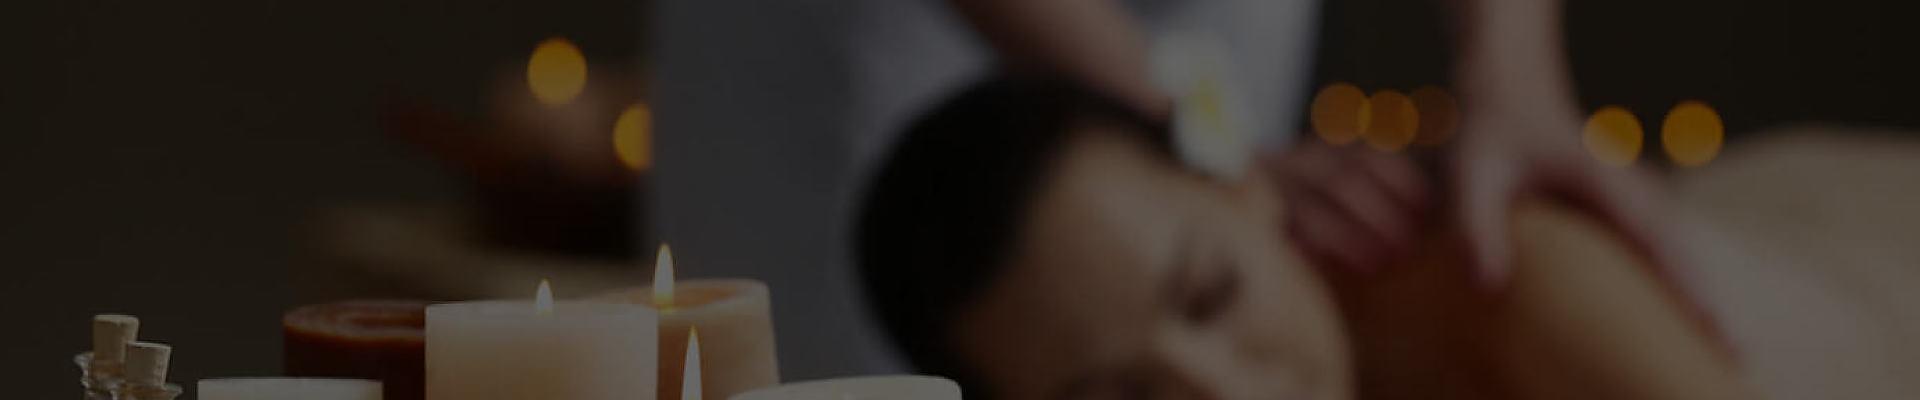 Massage arrangementen bij the Wellness Room